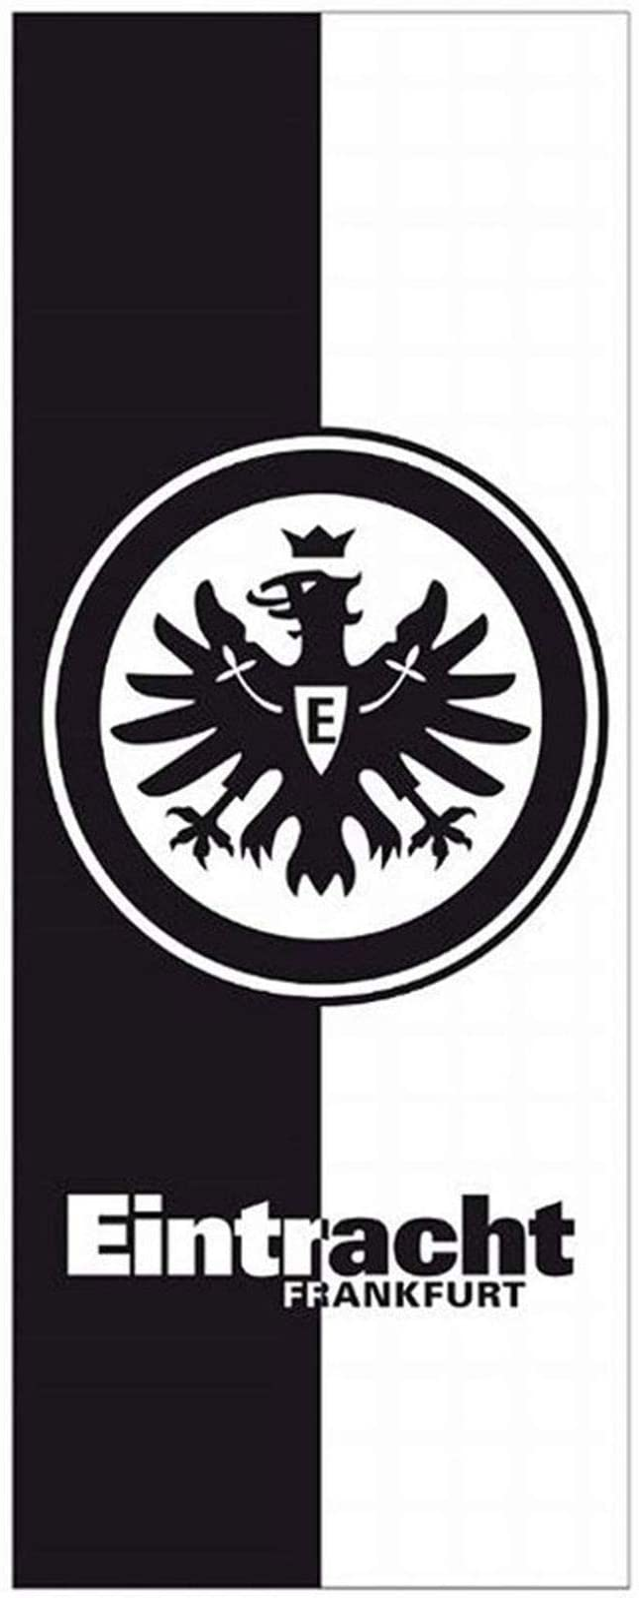 Eintracht Frankfurt Handtuch schwarz//wei/ß 50x100 cm